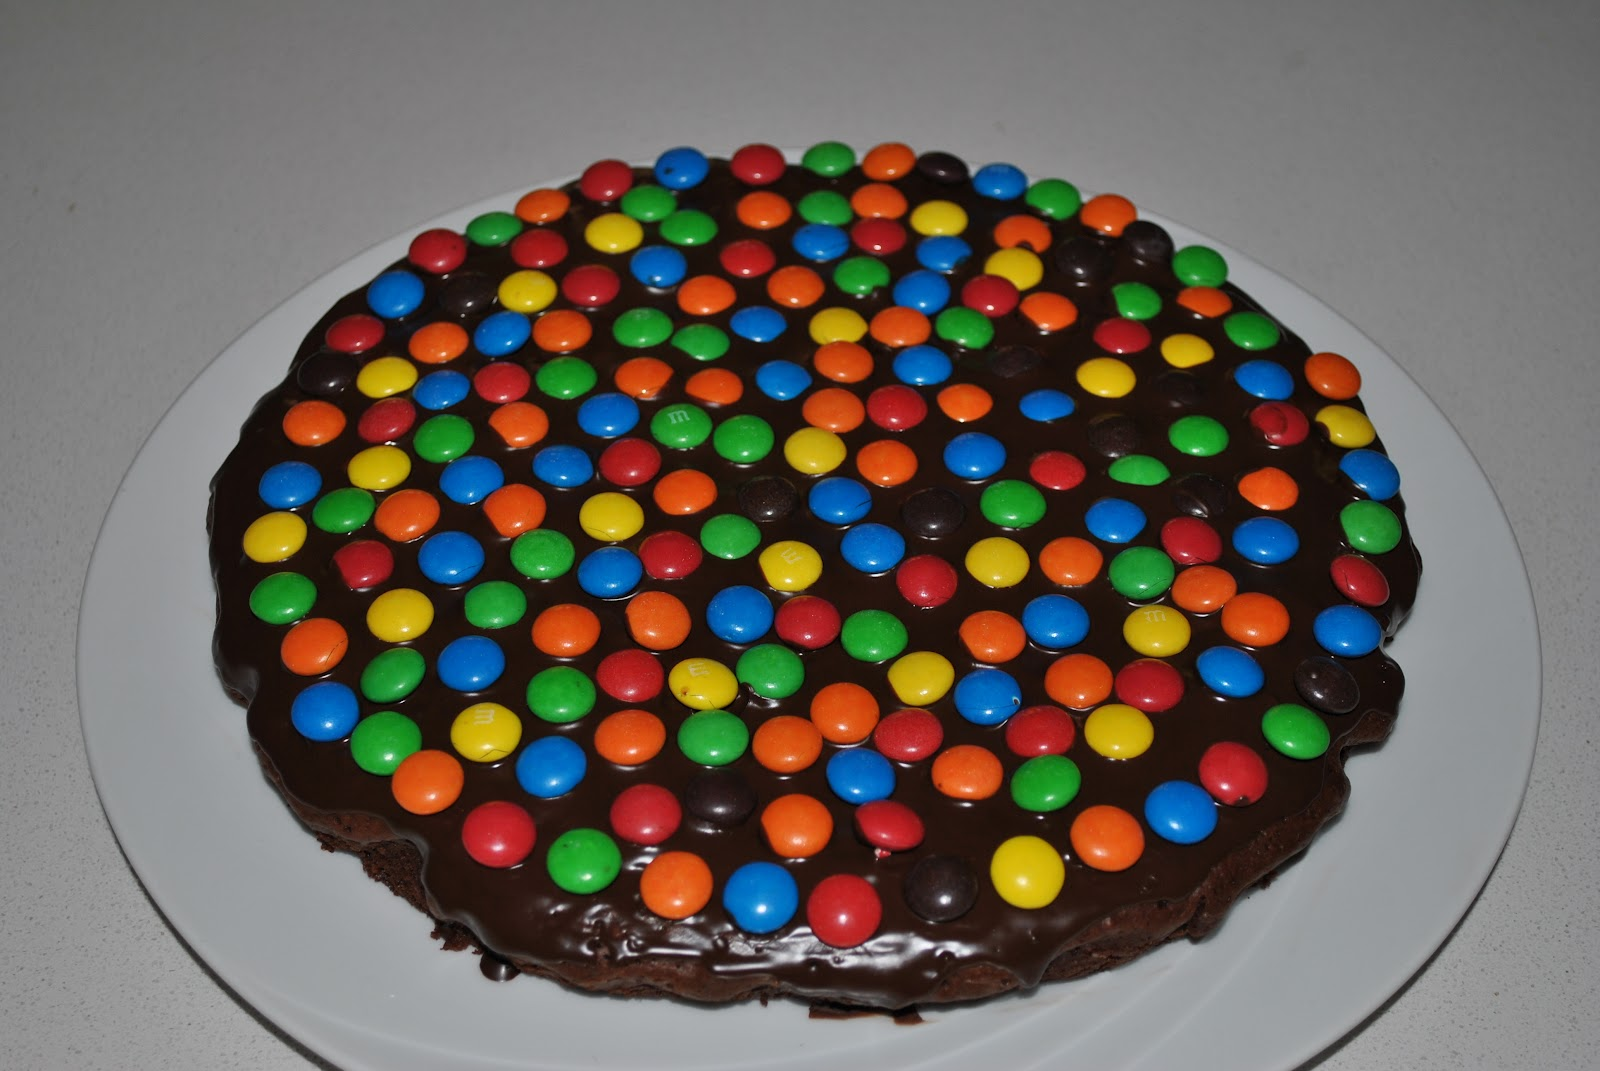 Appetitoso E Goloso Torta Al Cioccolato Con Confetti Colorati